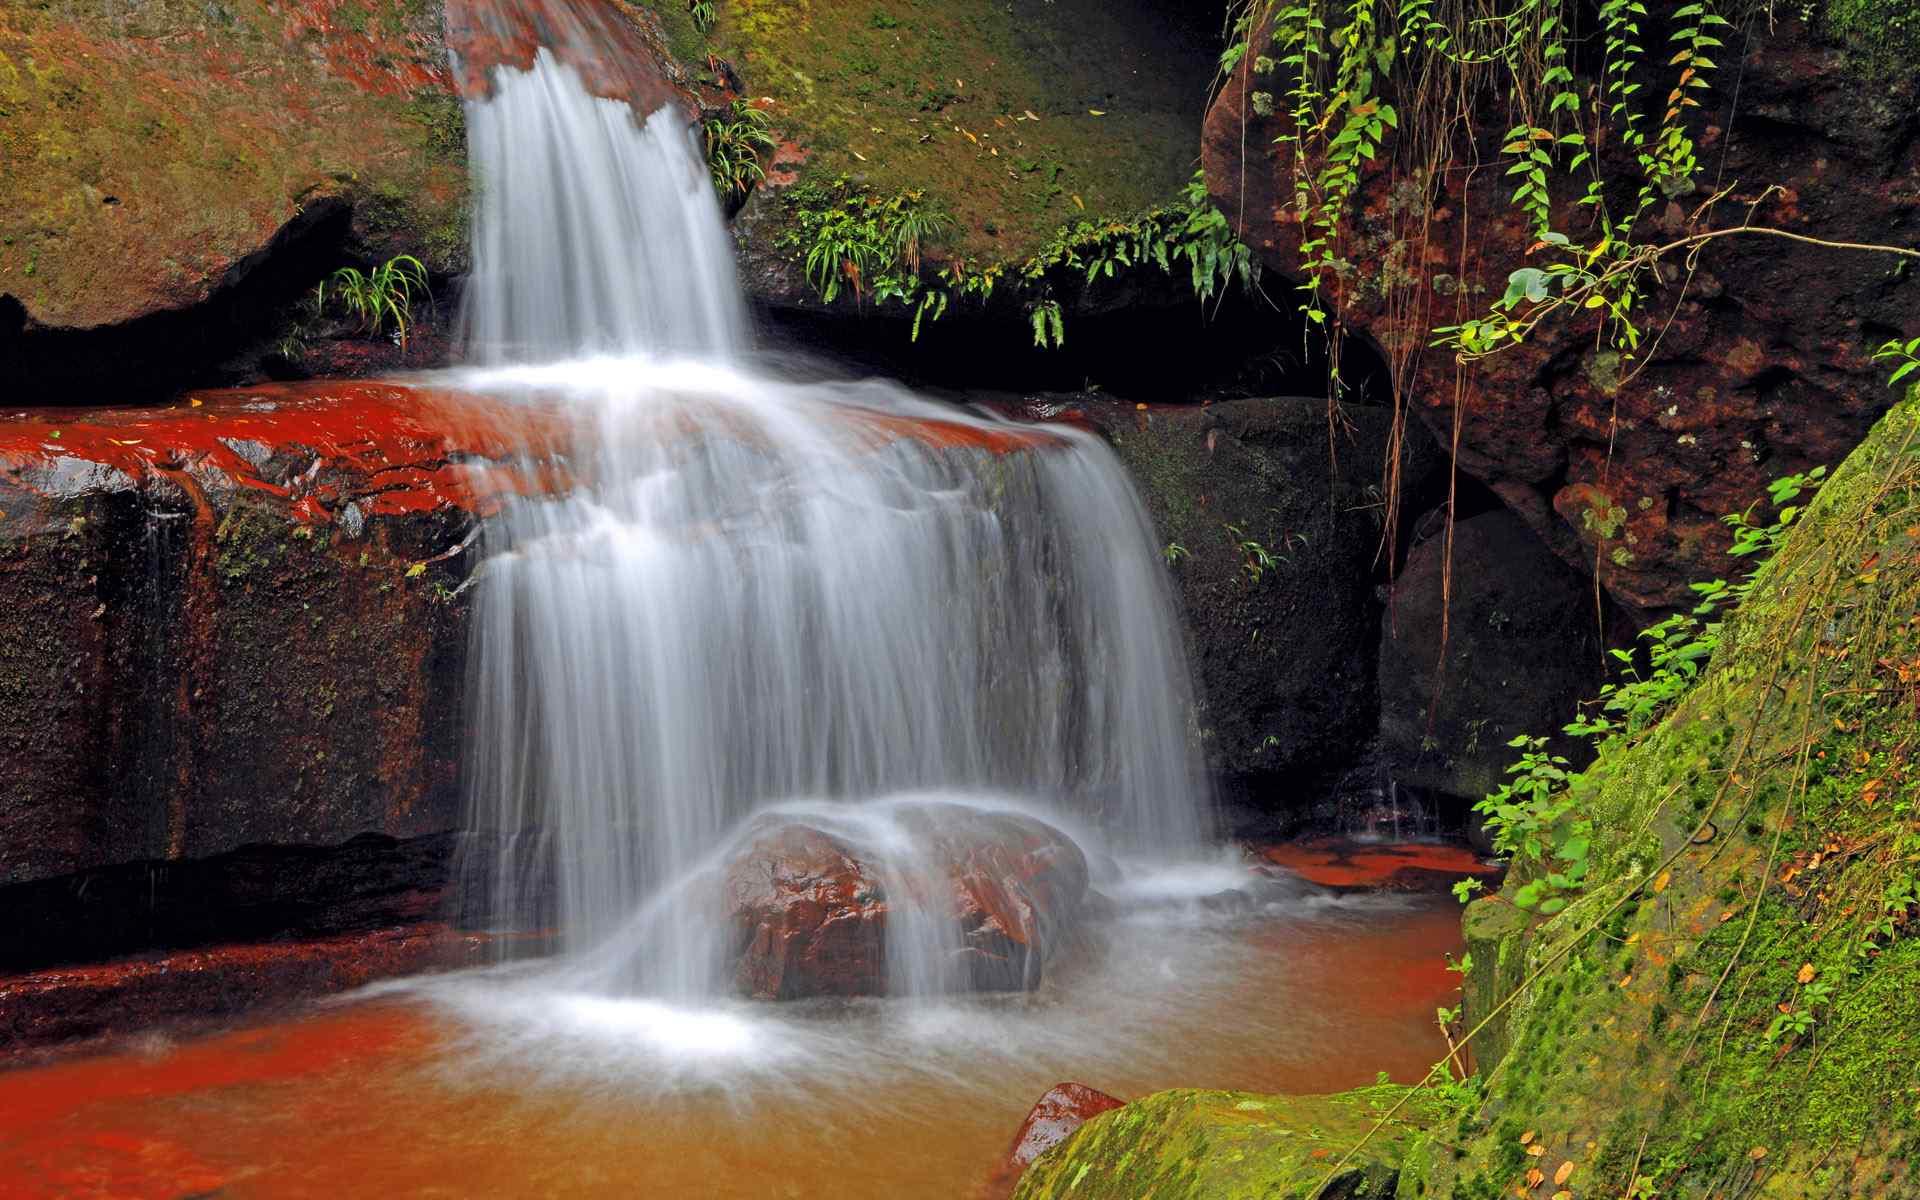 美丽瀑布风景图片高清壁纸图片